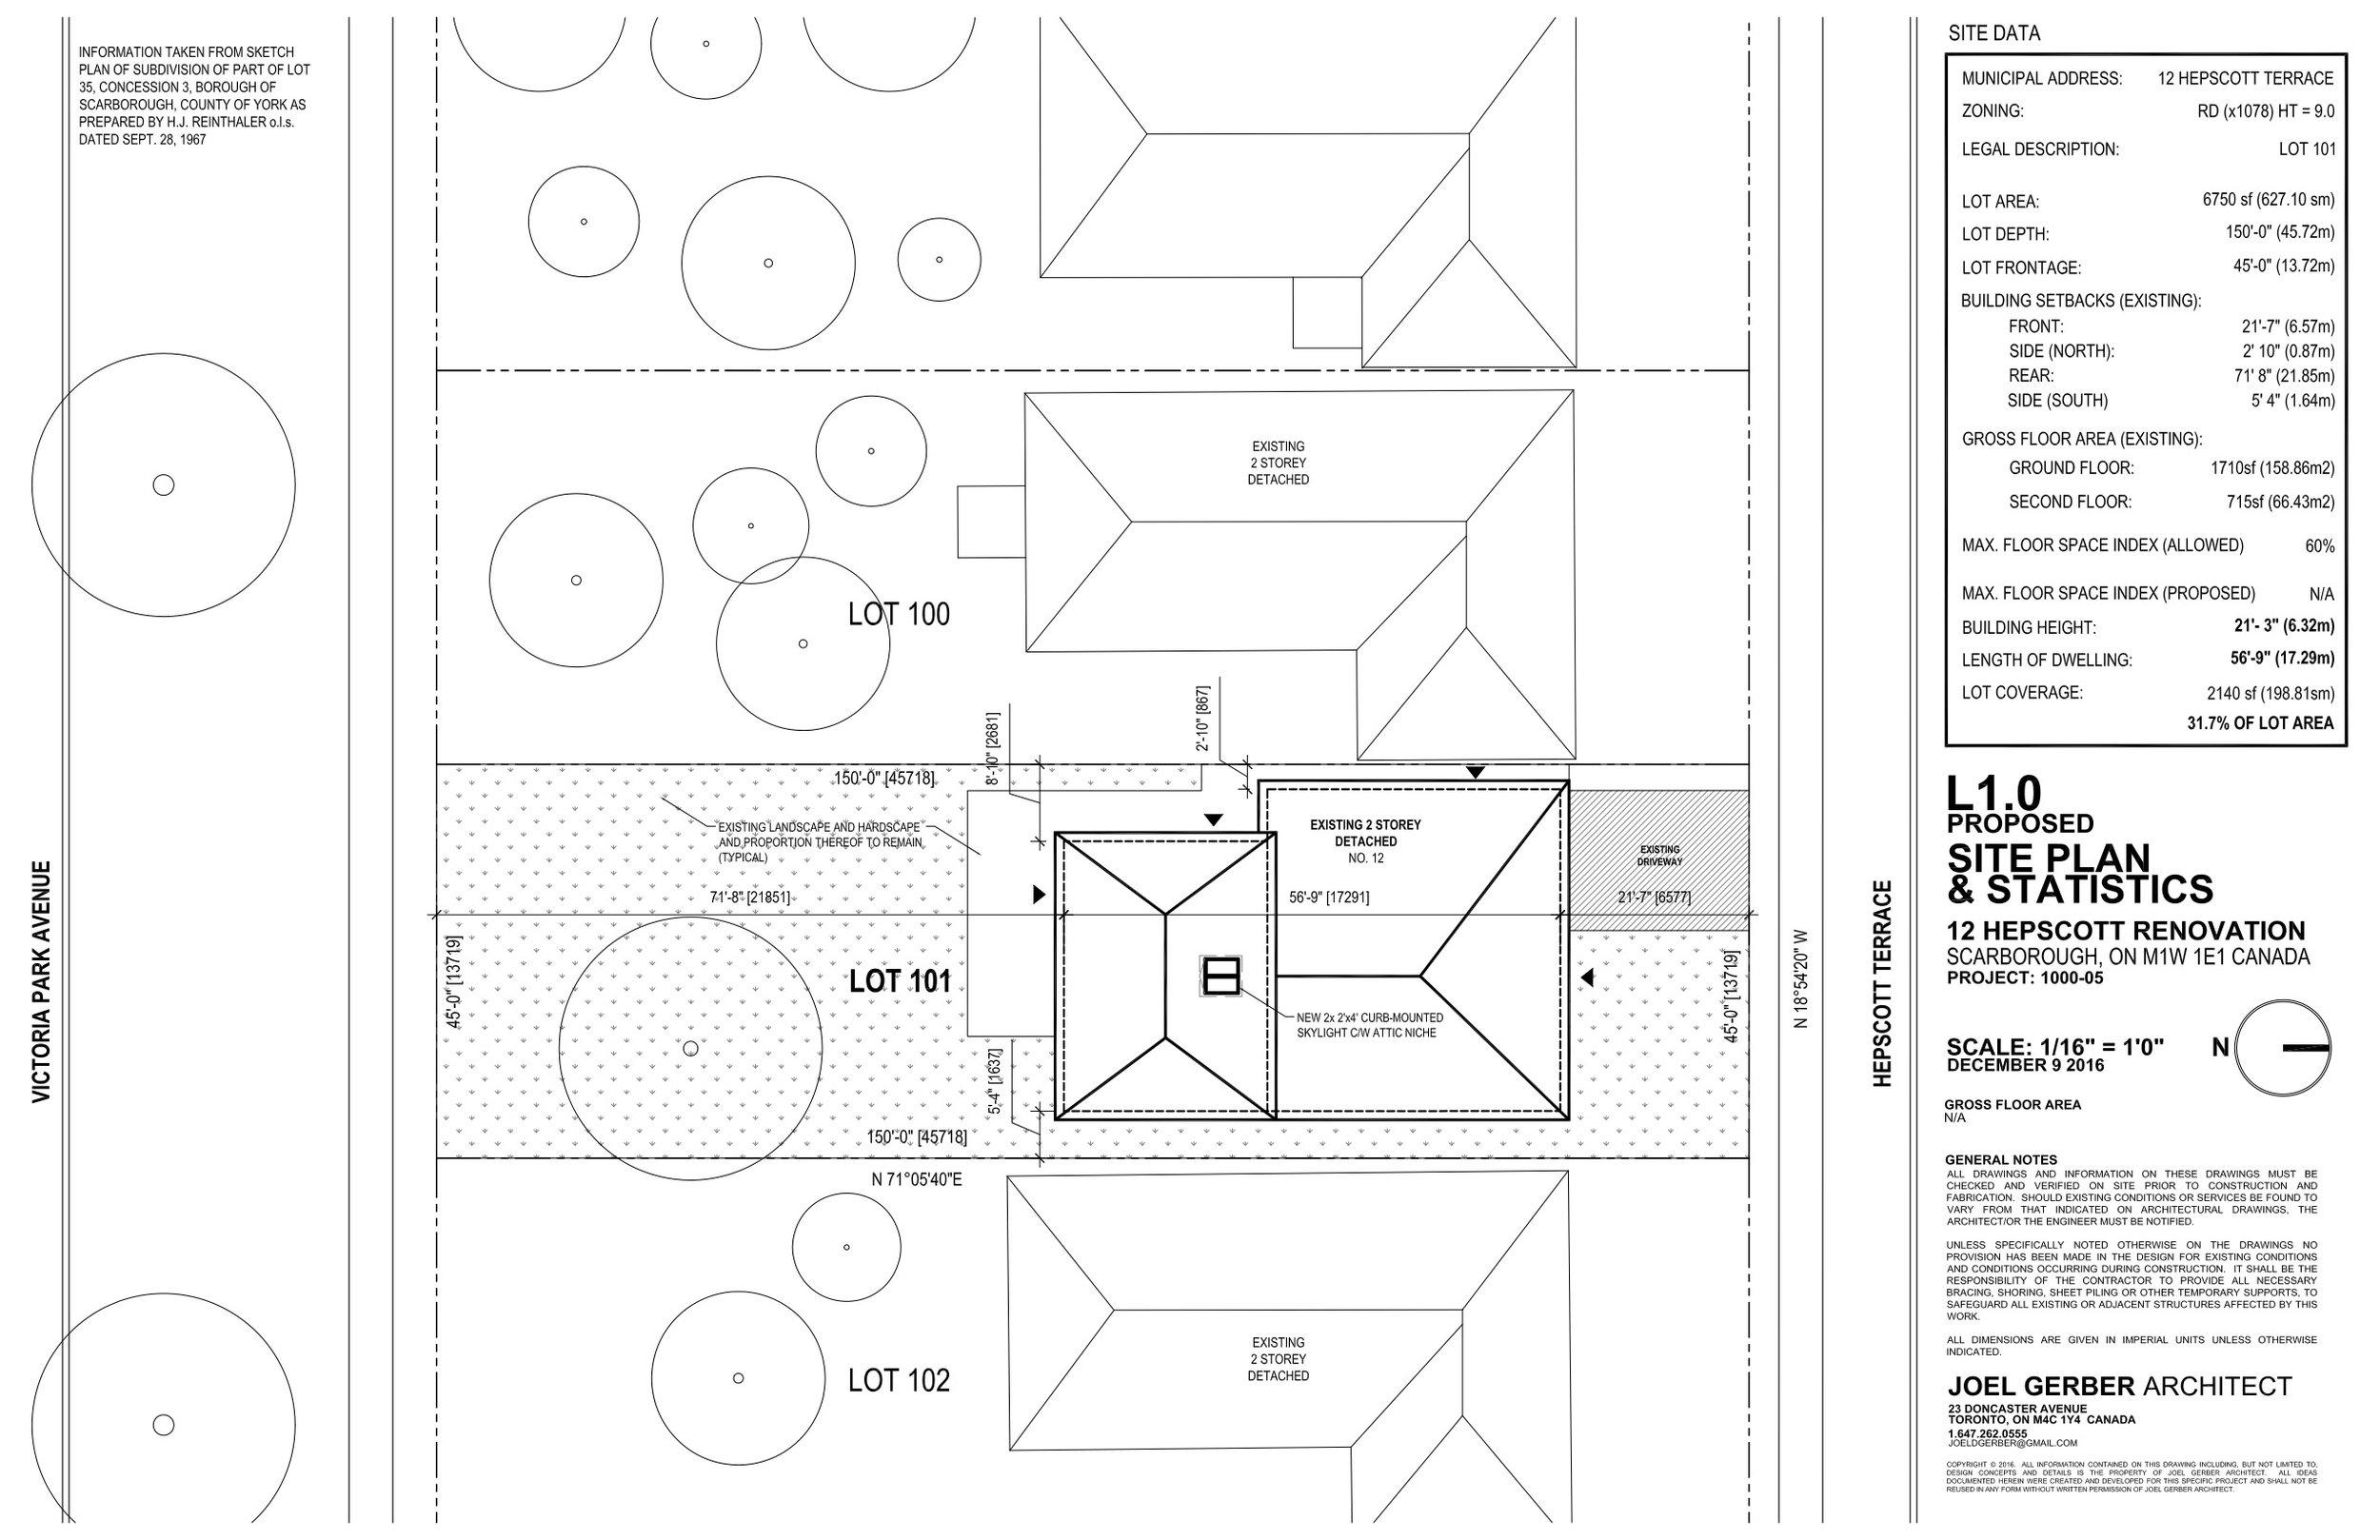 Drawing, Site Plan